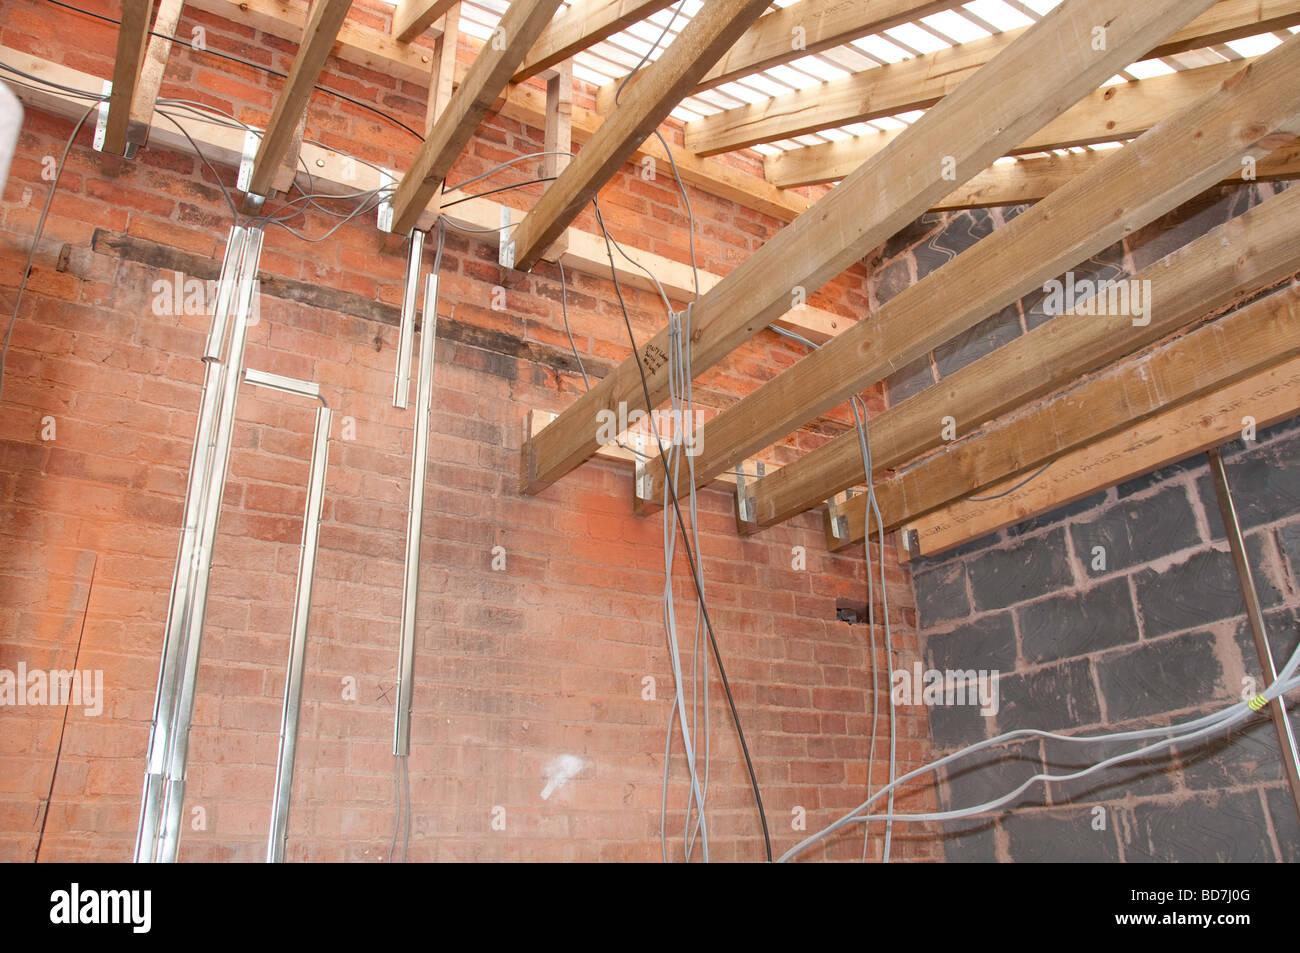 Neue elektrische Verdrahtung in einem Haus-Umbau-Projekt Stockfoto ...